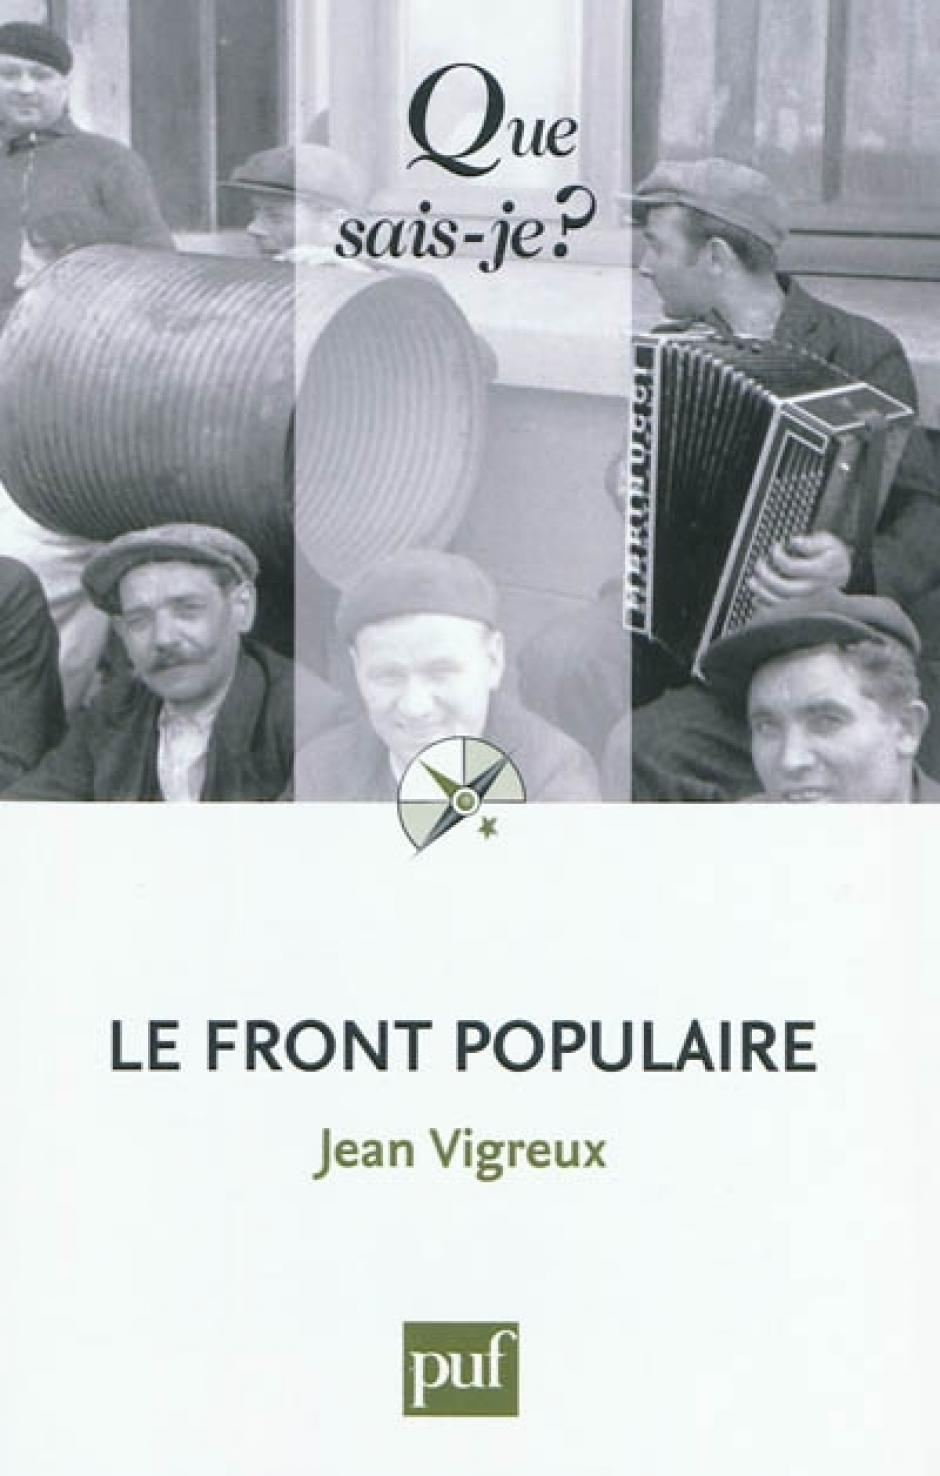 Les communistes et le Front populaire, Jean Vigreux*